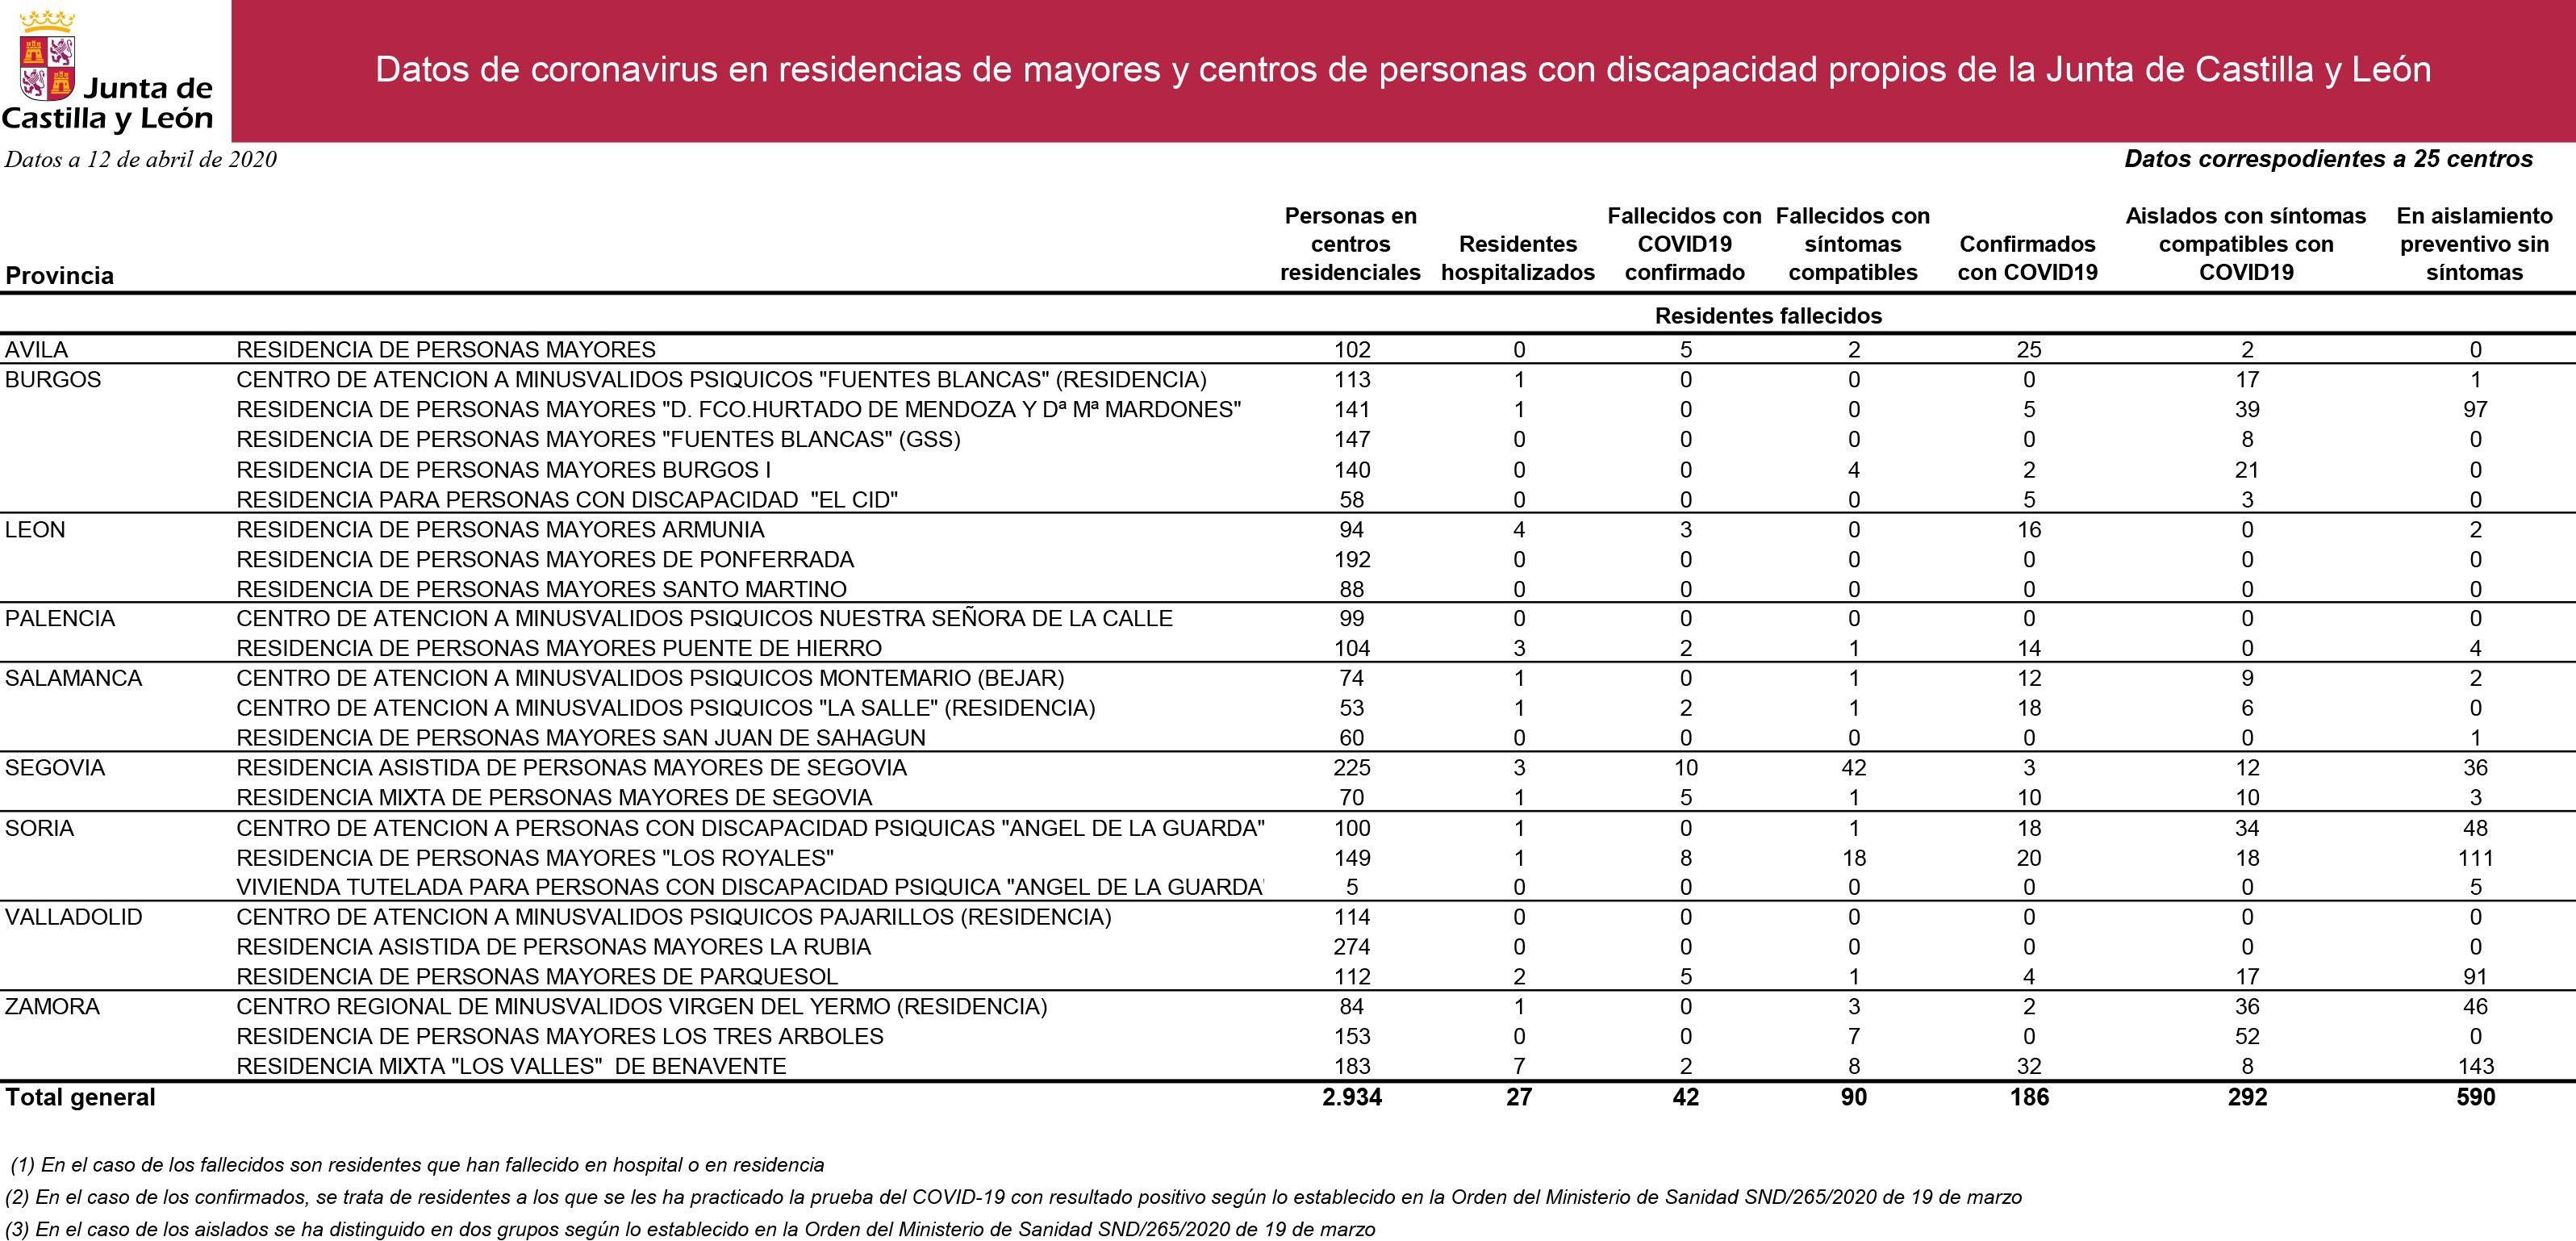 DATOS DE CENTROS PROPIOS 12 ABRIL